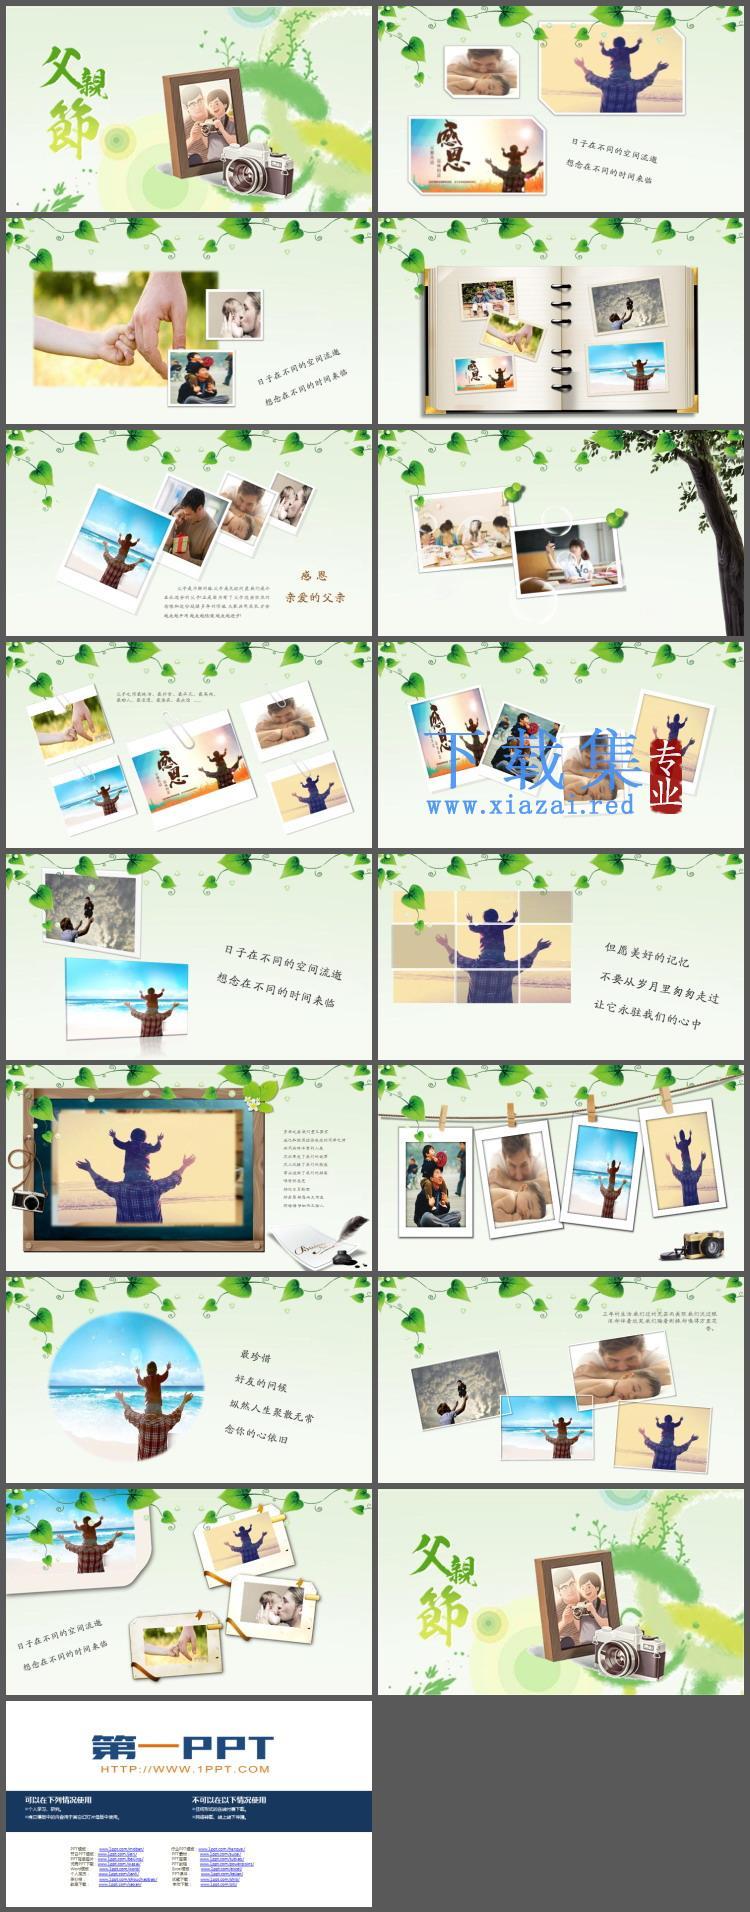 清新水彩相机背景的父亲节电子相册PPT模板  第2张